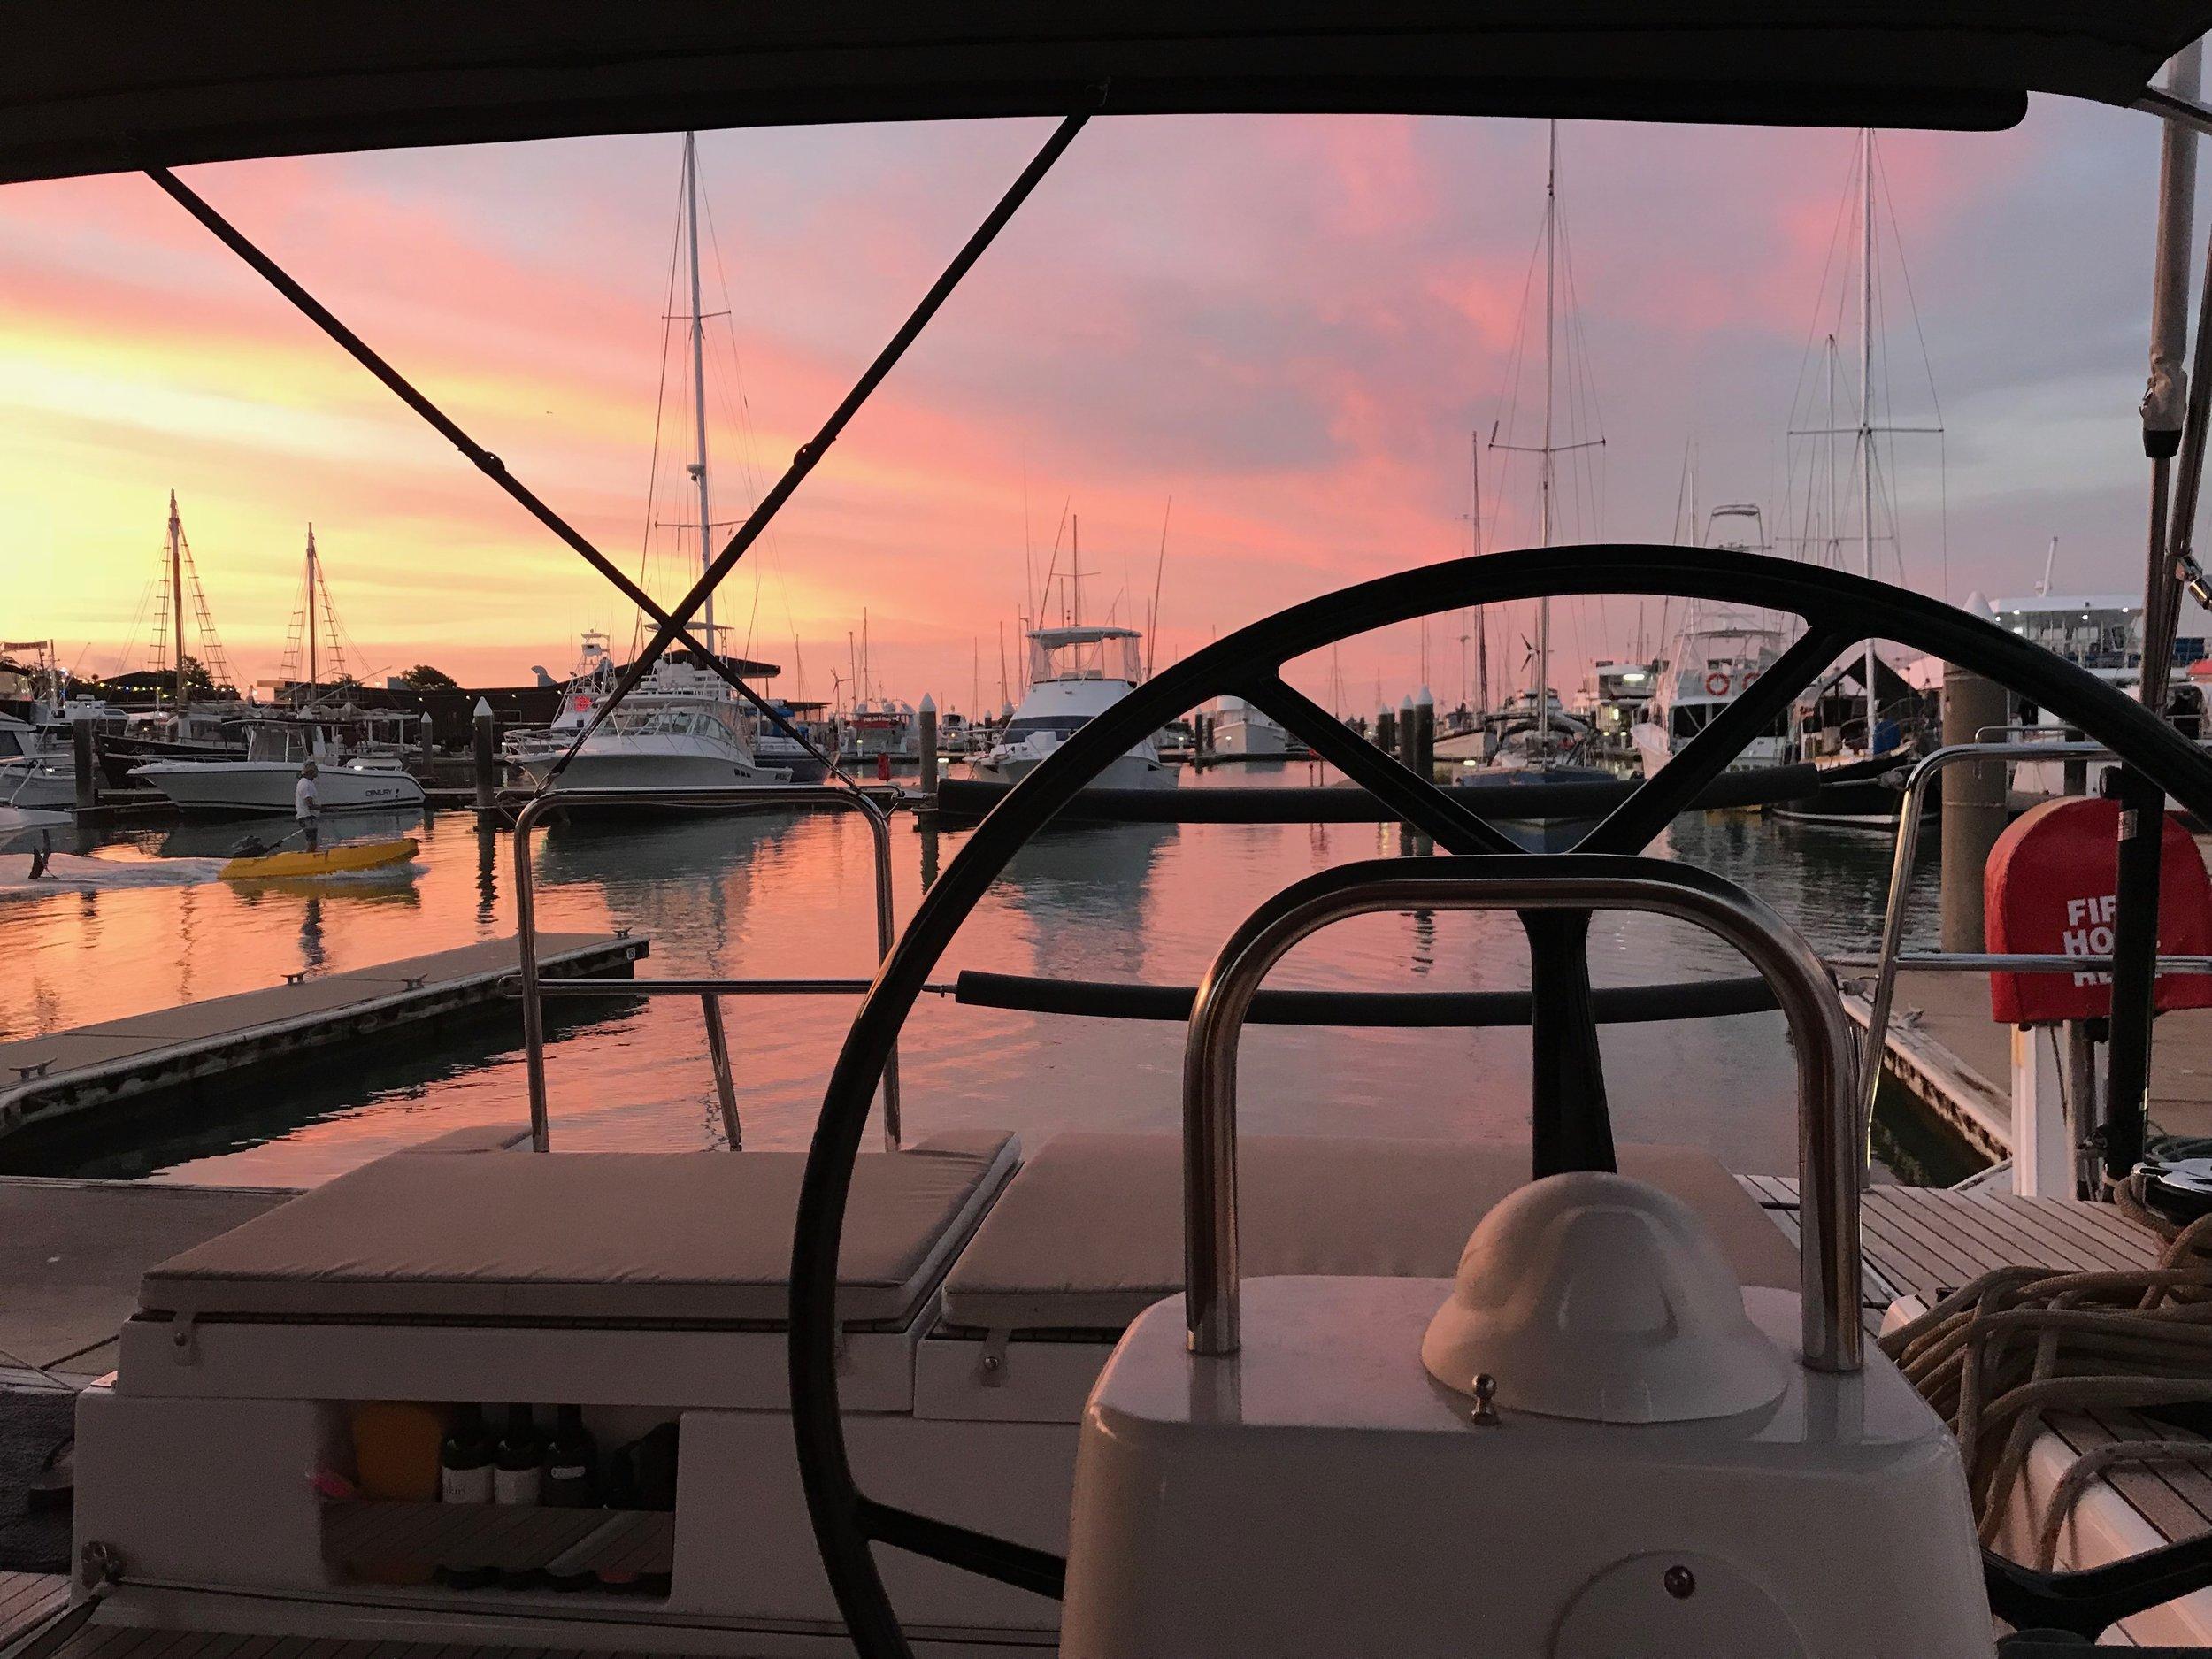 Just your average marina sunset!